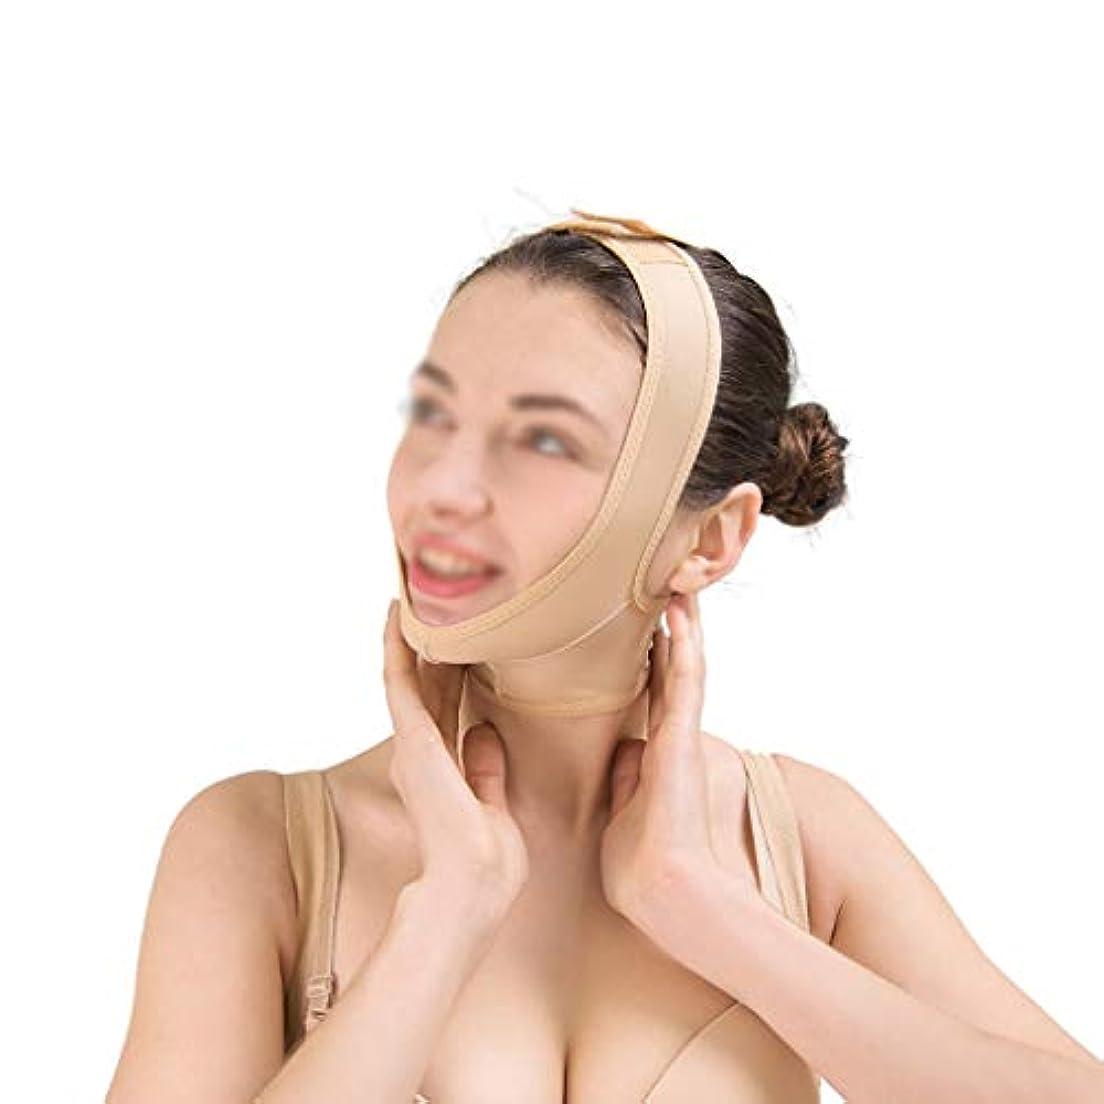 くま正統派賞賛LJK 二重あごのストラップ、包帯を持ち上げる、持ち上がると肌の包帯を引き締める、通気性のフェイスマスク、快適で通気性のある顔の持ち上がるマスク (Size : S)